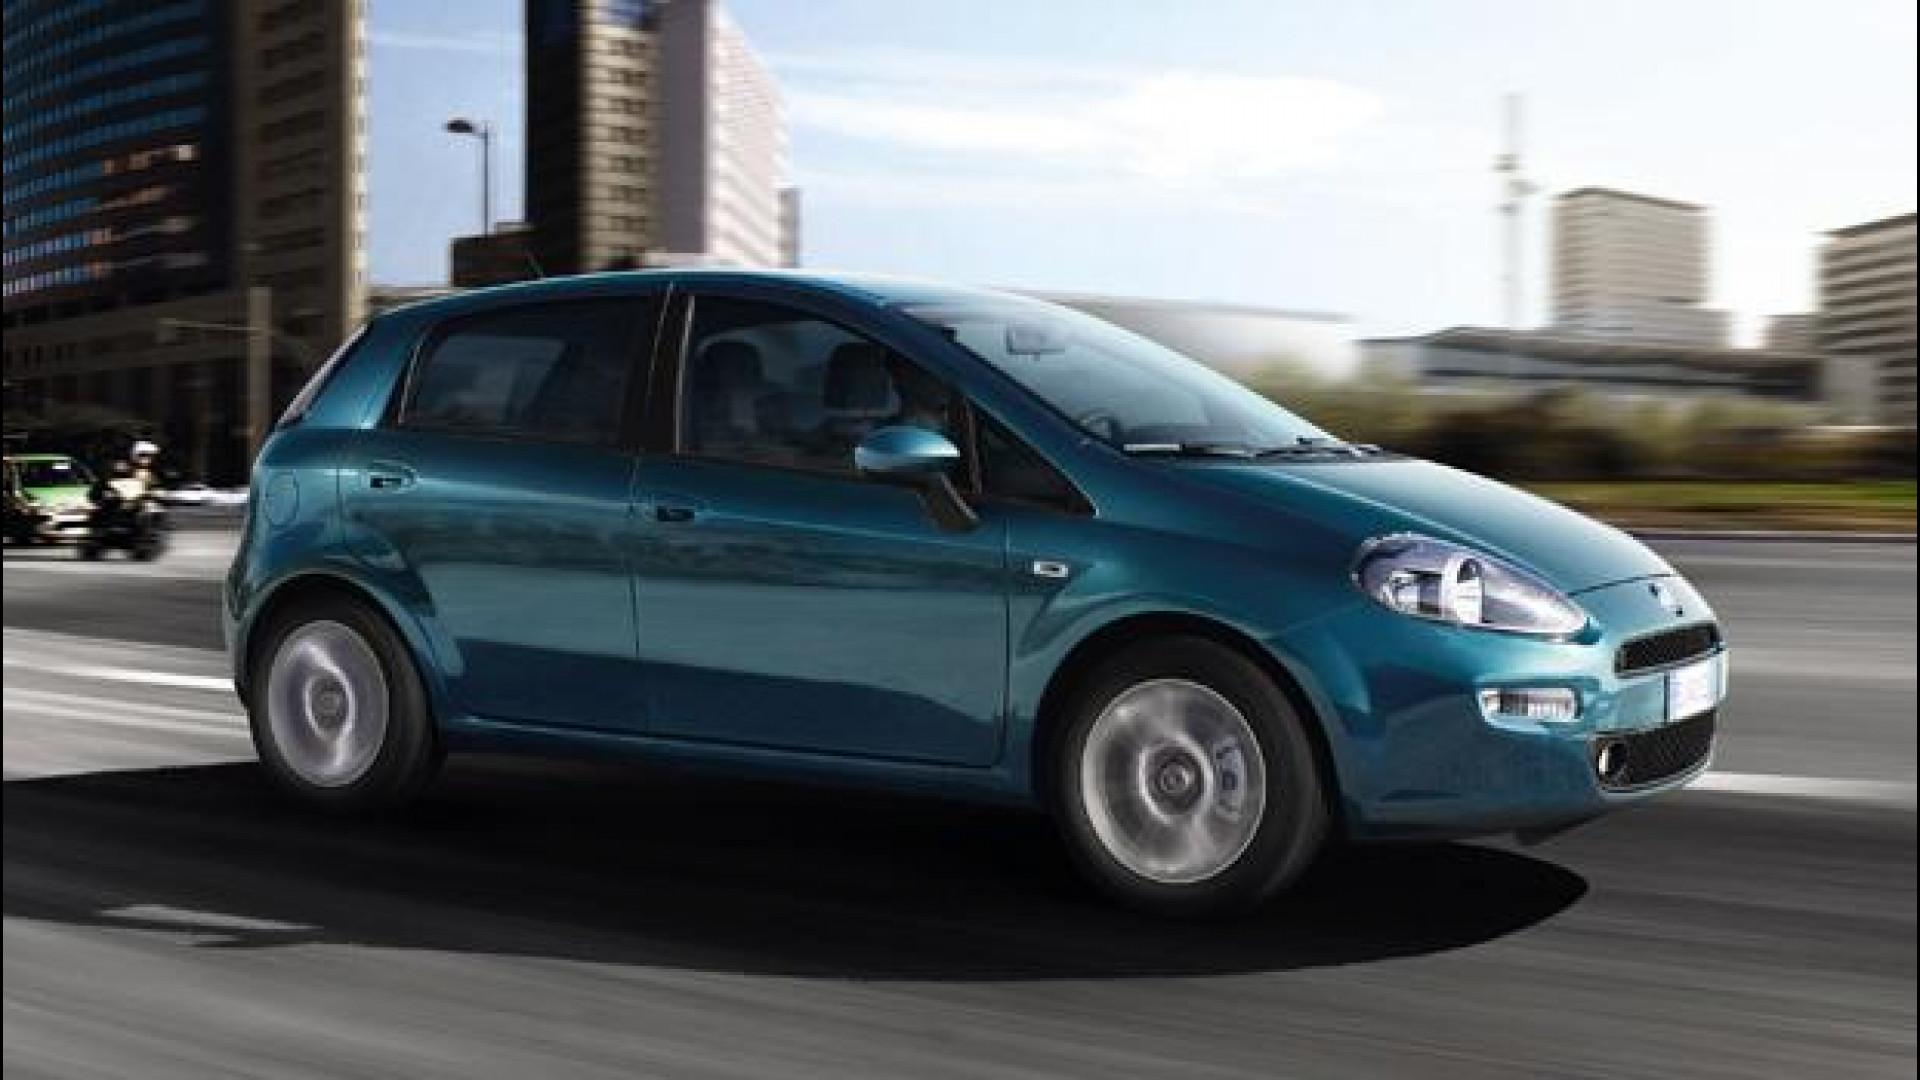 Fiat, a dicembre incentivi fino a 5.000 euro   Motor1.com Italia on fiat doblo, fiat 500 abarth, fiat cars, fiat panda, fiat stilo, fiat seicento, fiat x1/9, fiat ritmo, fiat barchetta, fiat spider, fiat coupe, fiat 500l, fiat linea, fiat multipla, fiat marea, fiat bravo, fiat 500 turbo, fiat cinquecento,